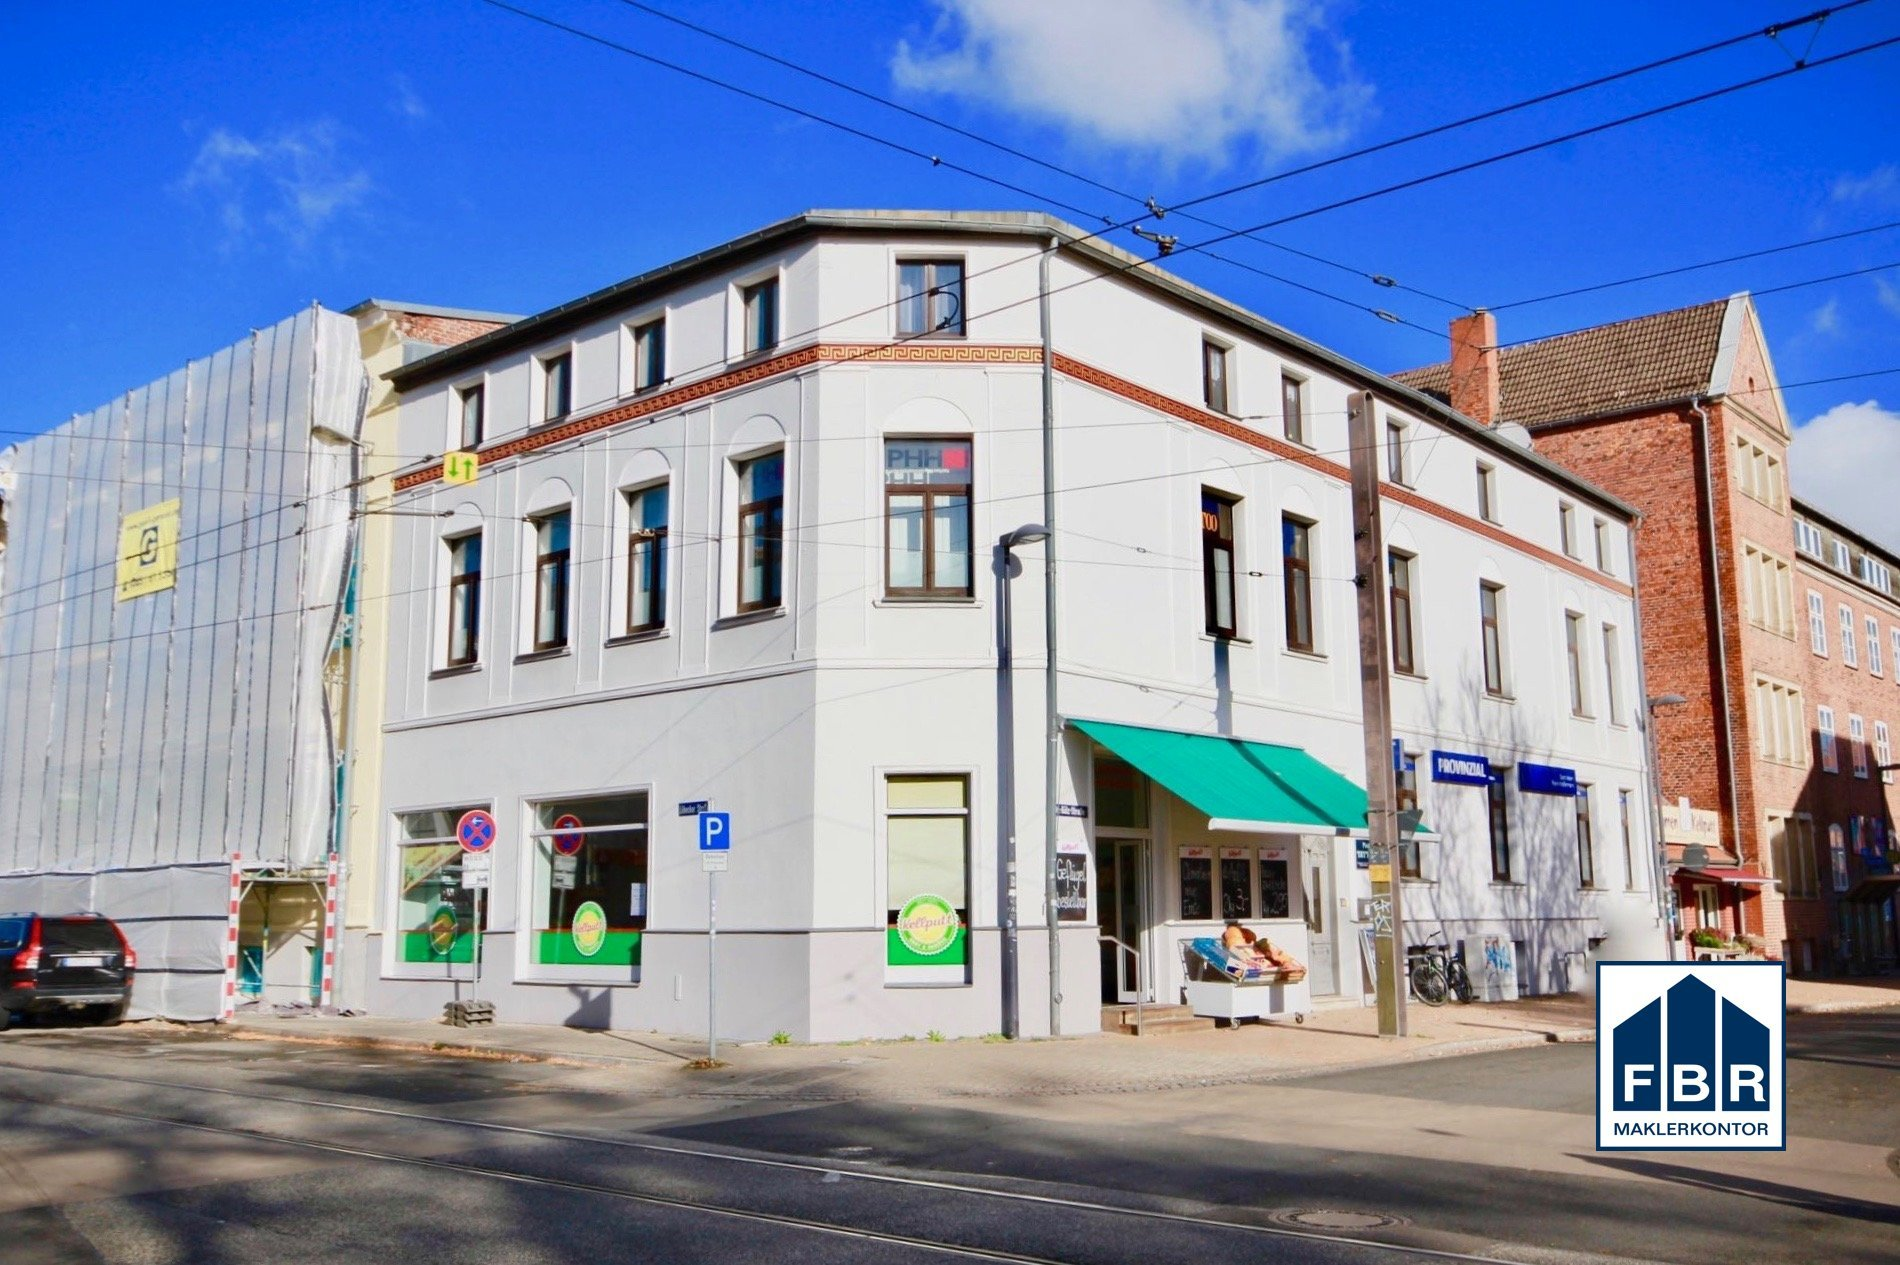 stadtbekanntes Geschäftshaus